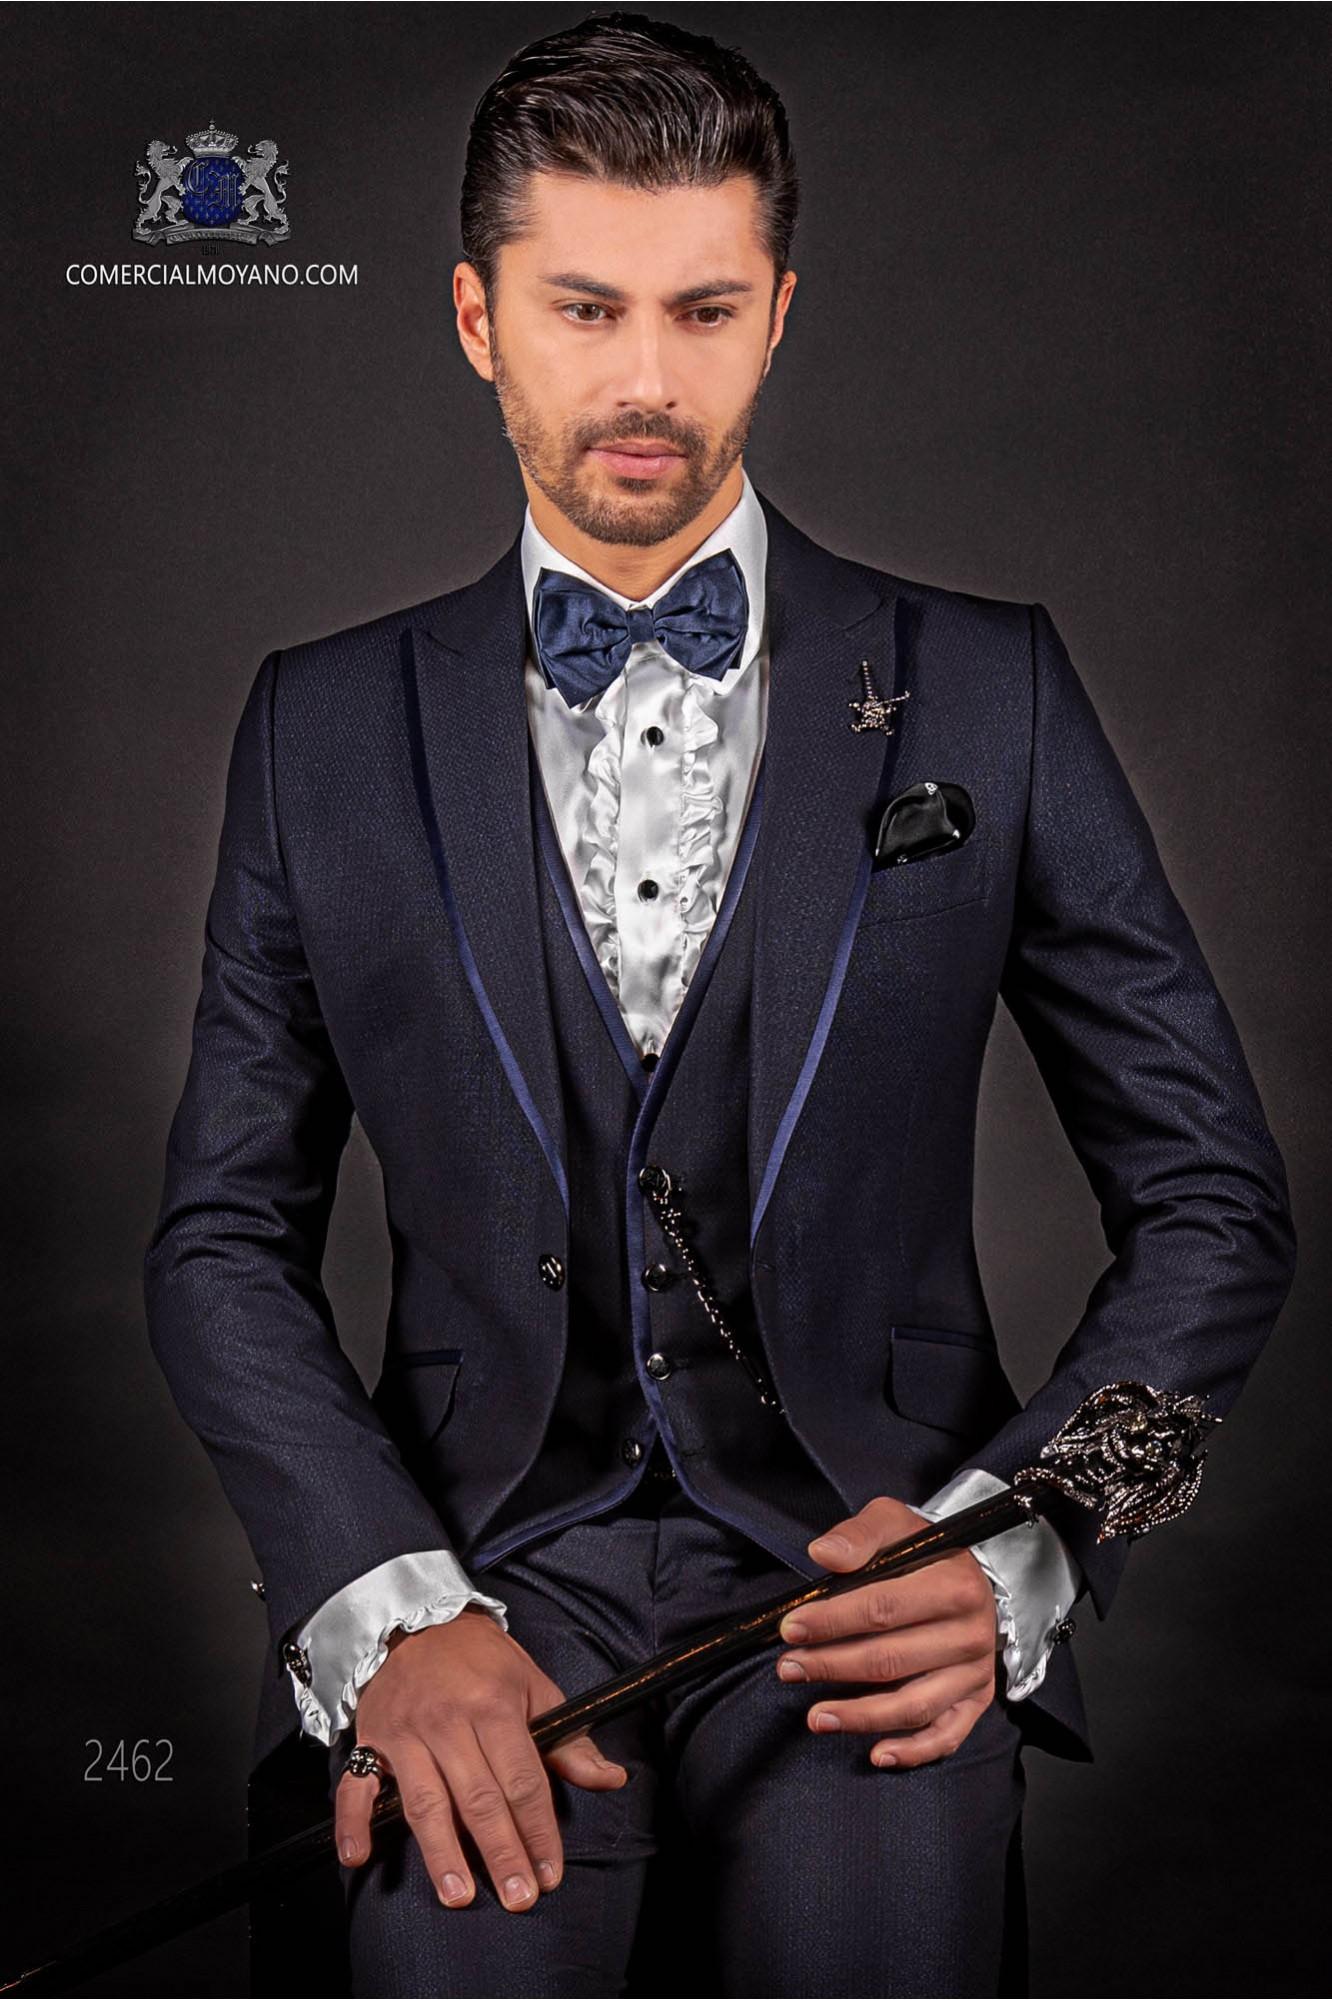 Traje azul oscuro italiano moderno. Modelo con solapa de punta con vivos de raso azul oscuro